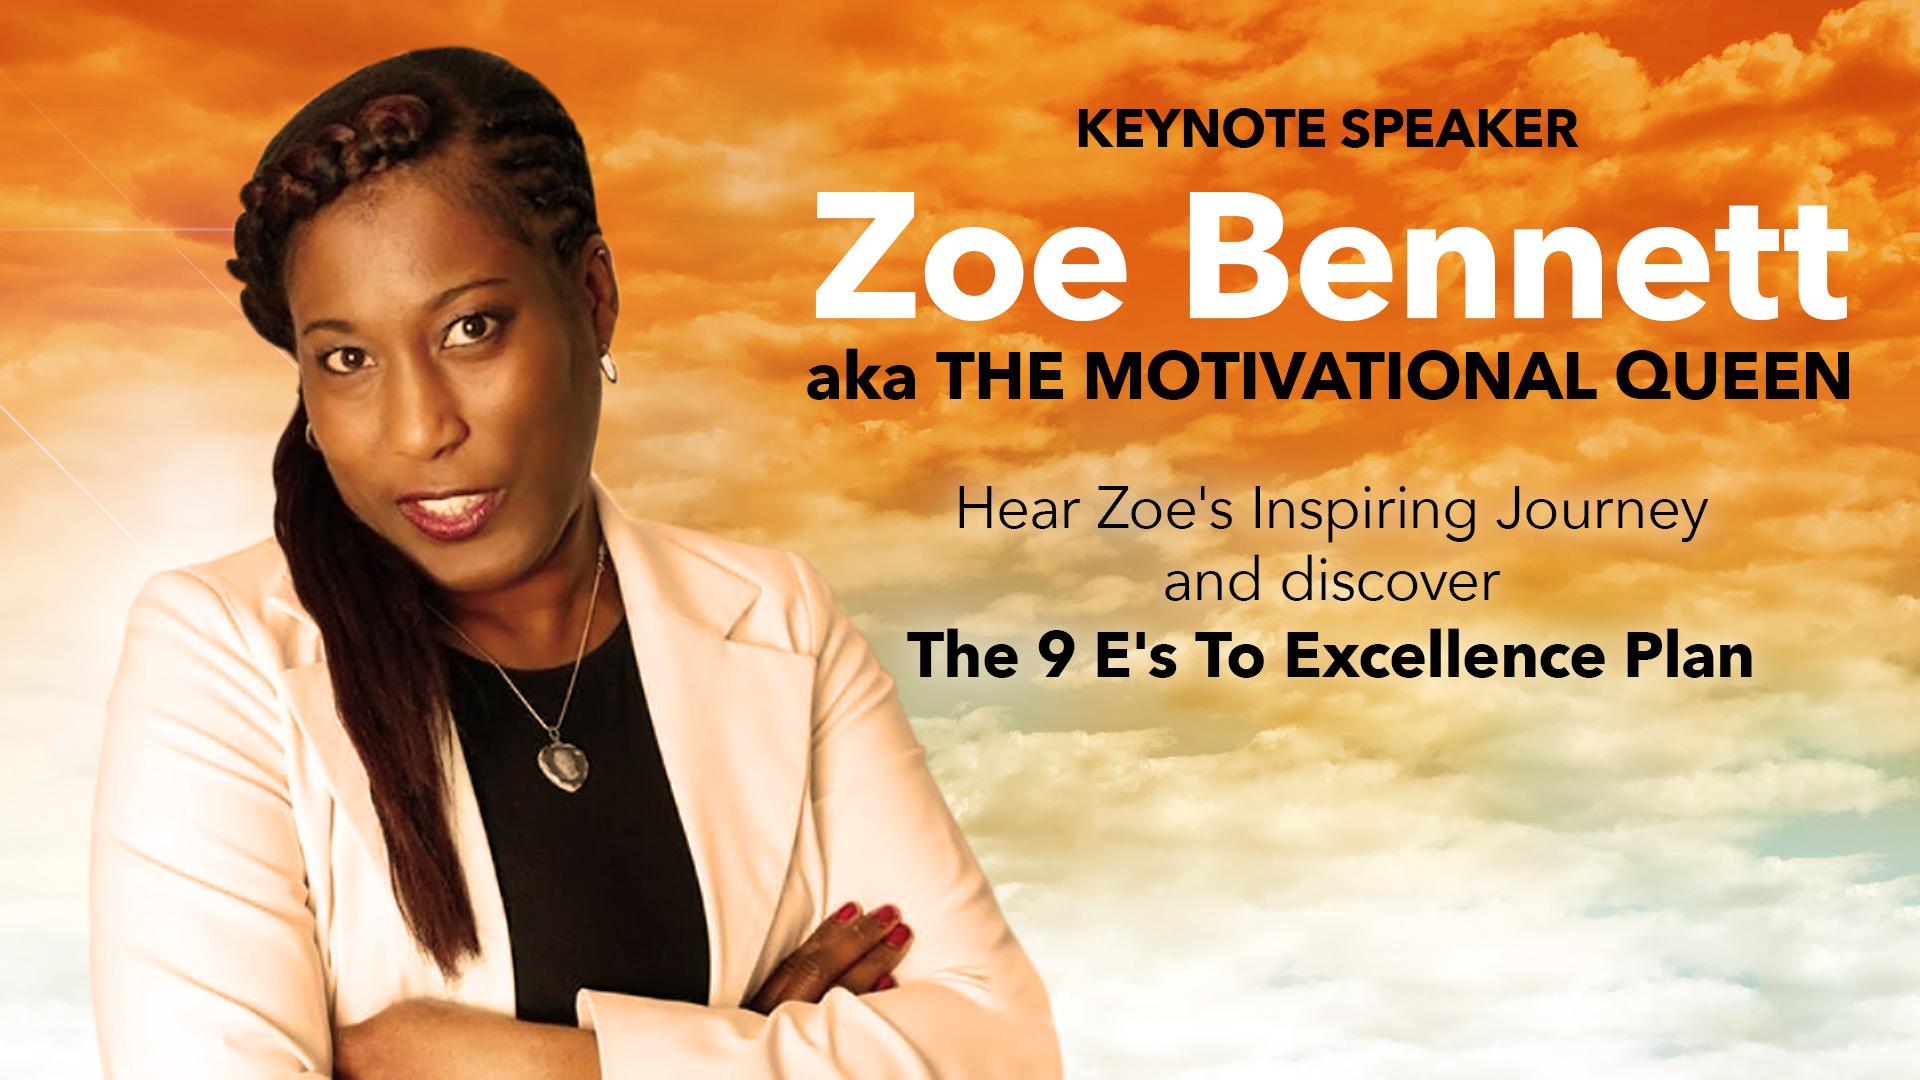 Zoe Bennett Keynote Speaker